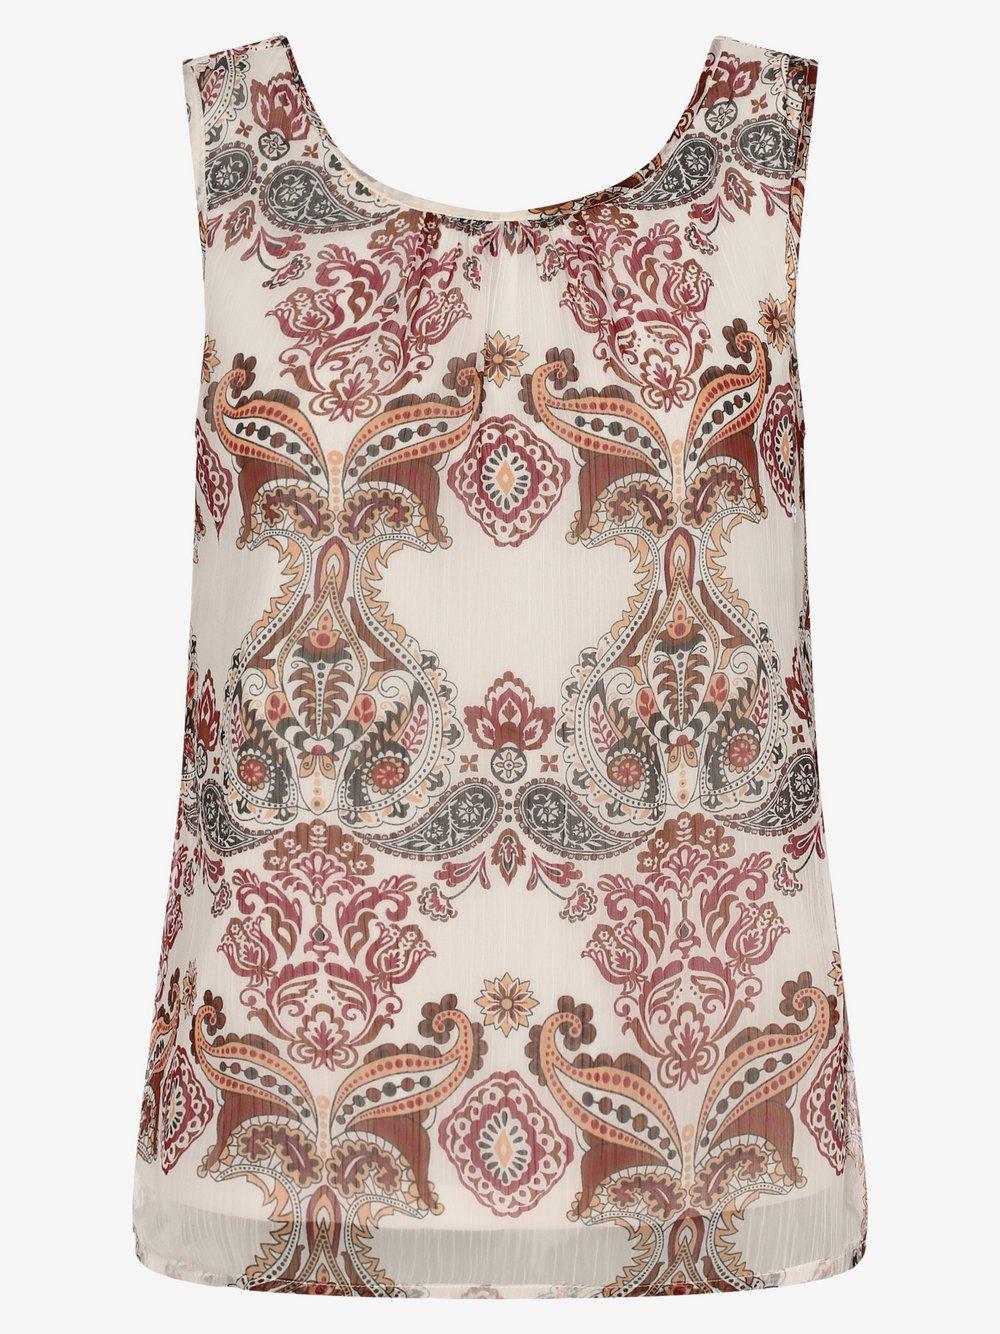 Vero Moda – Damska bluzka bez rękawów – VMKay, biały Van Graaf 475873-0001-09960